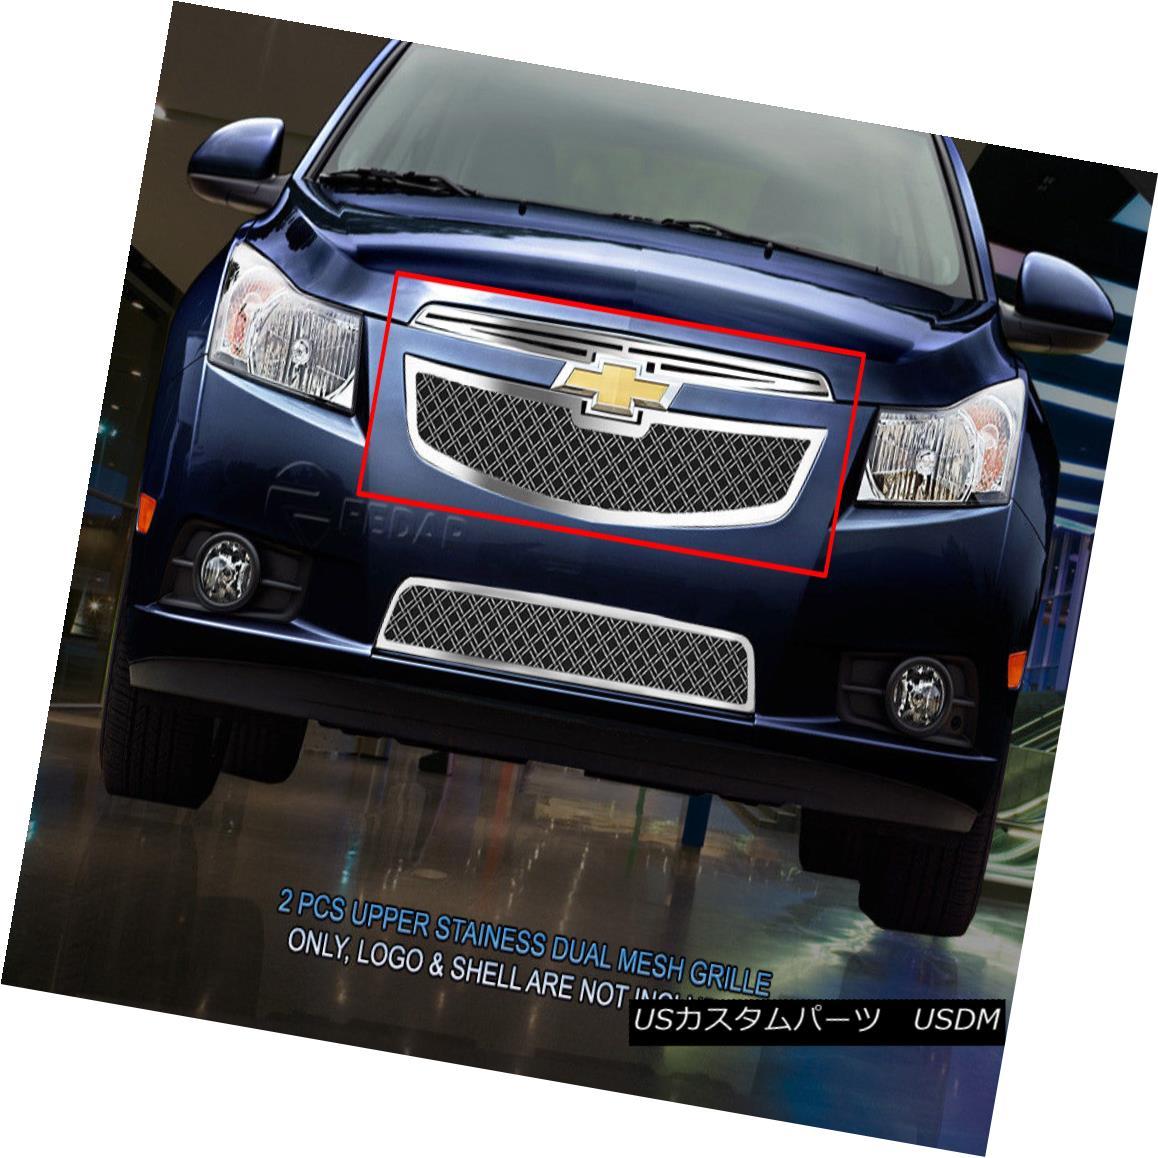 グリル Fedar Fits 11-14 Cruze LT RS/LTZ RS Chrome Upper Dual Weave Mesh Grille Insert Fedar 11-14 Cruze LT RS / LTZ RSクロームアッパーデュアルウィーブメッシュグリルインサート